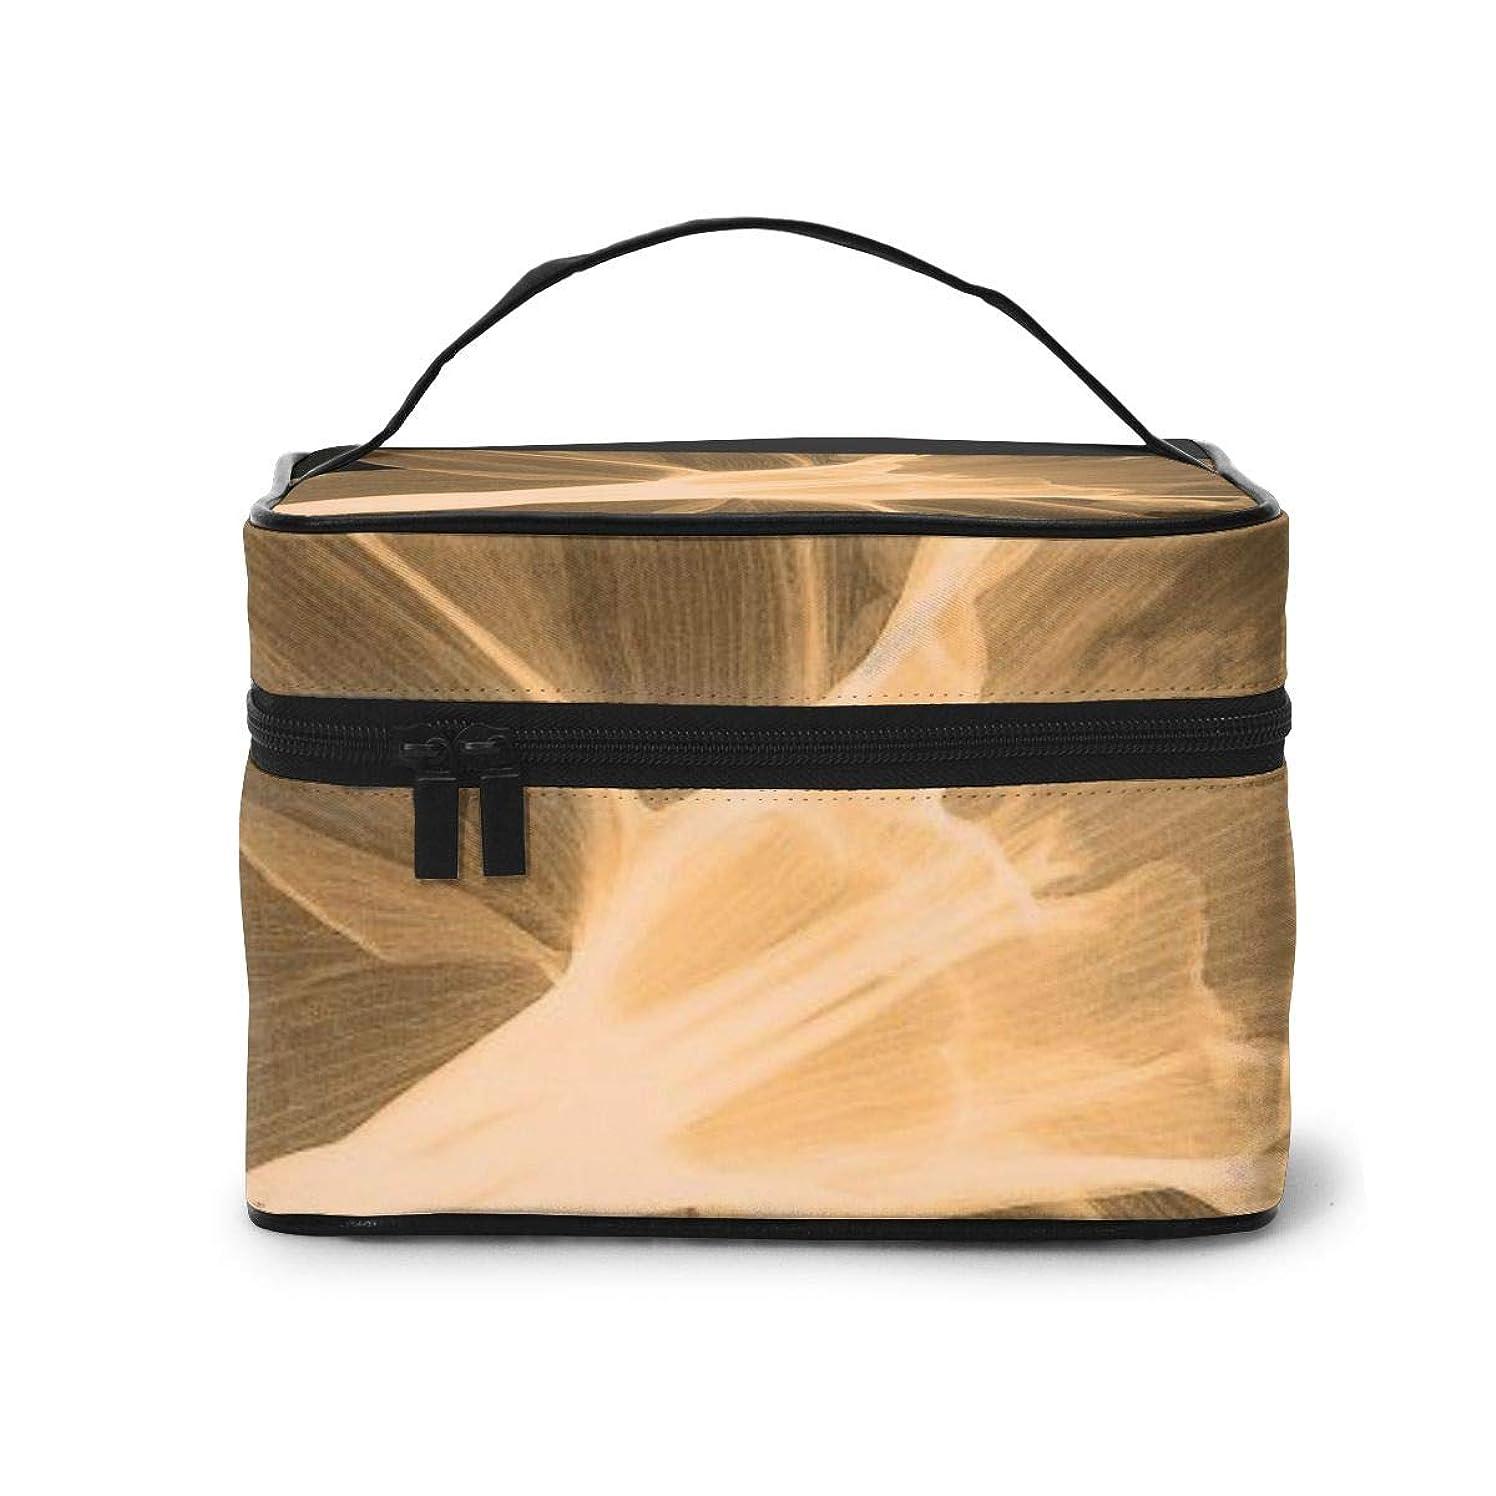 無条件私芽メイクポーチ 化粧ポーチ コスメバッグ バニティケース トラベルポーチ アサガオ 雑貨 小物入れ 出張用 超軽量 機能的 大容量 収納ボックス